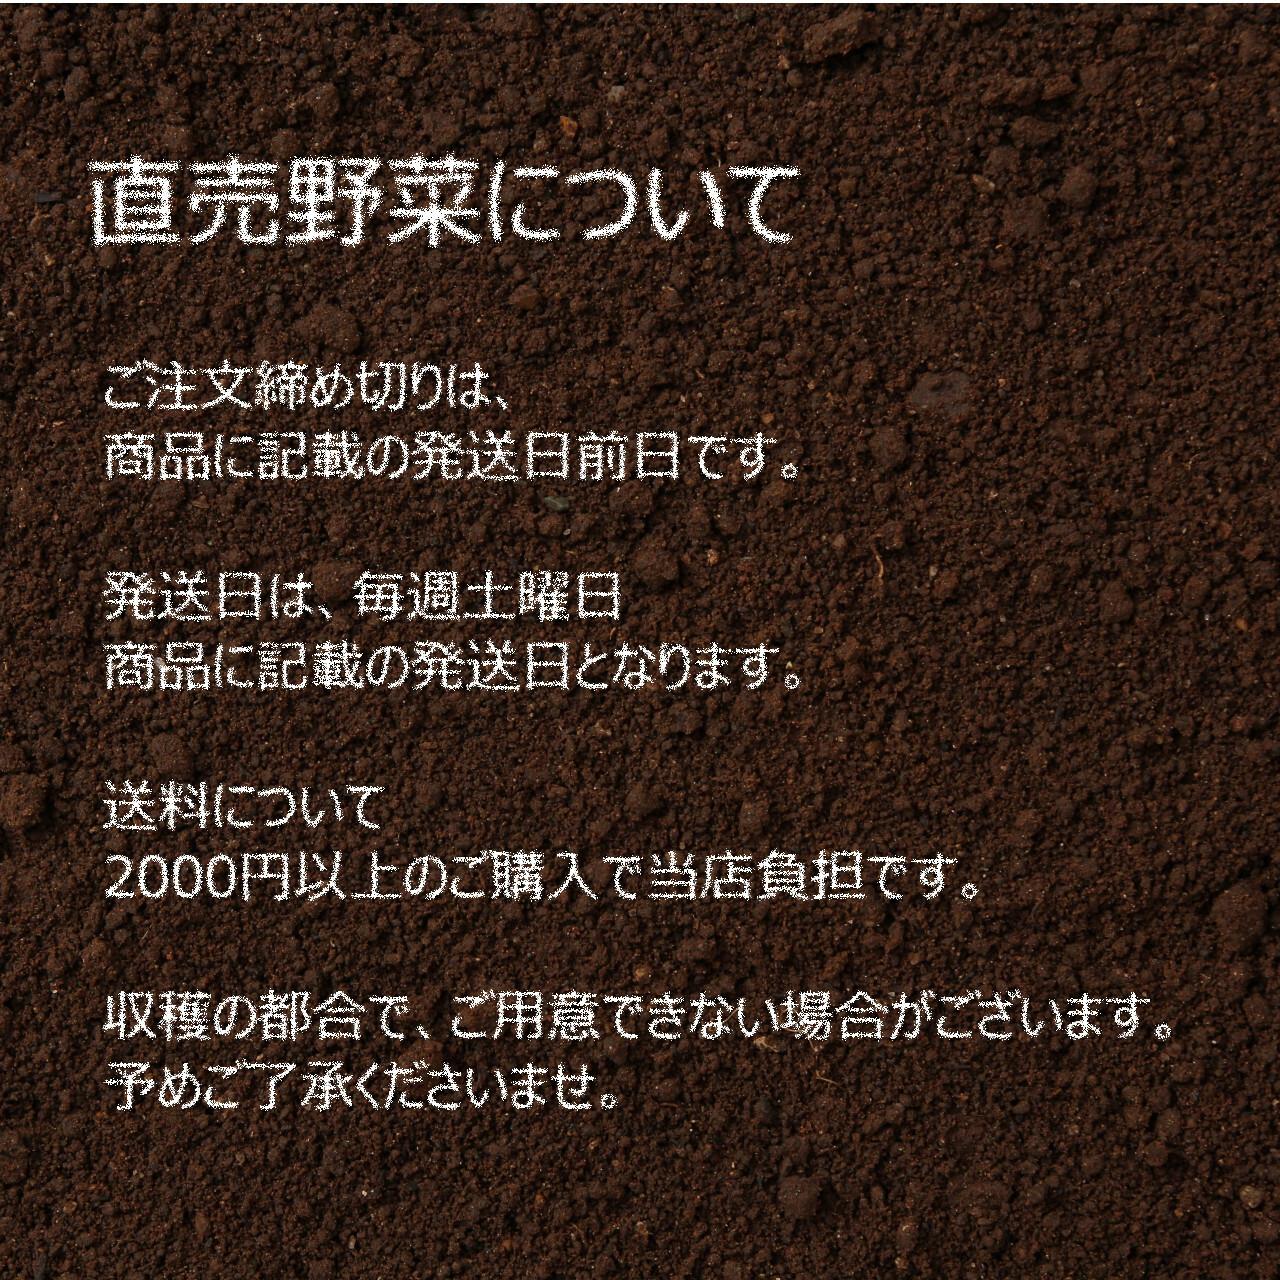 7月の朝採り直売野菜 : オクラ 約100g 7月の新鮮夏野菜 7月27日発送予定